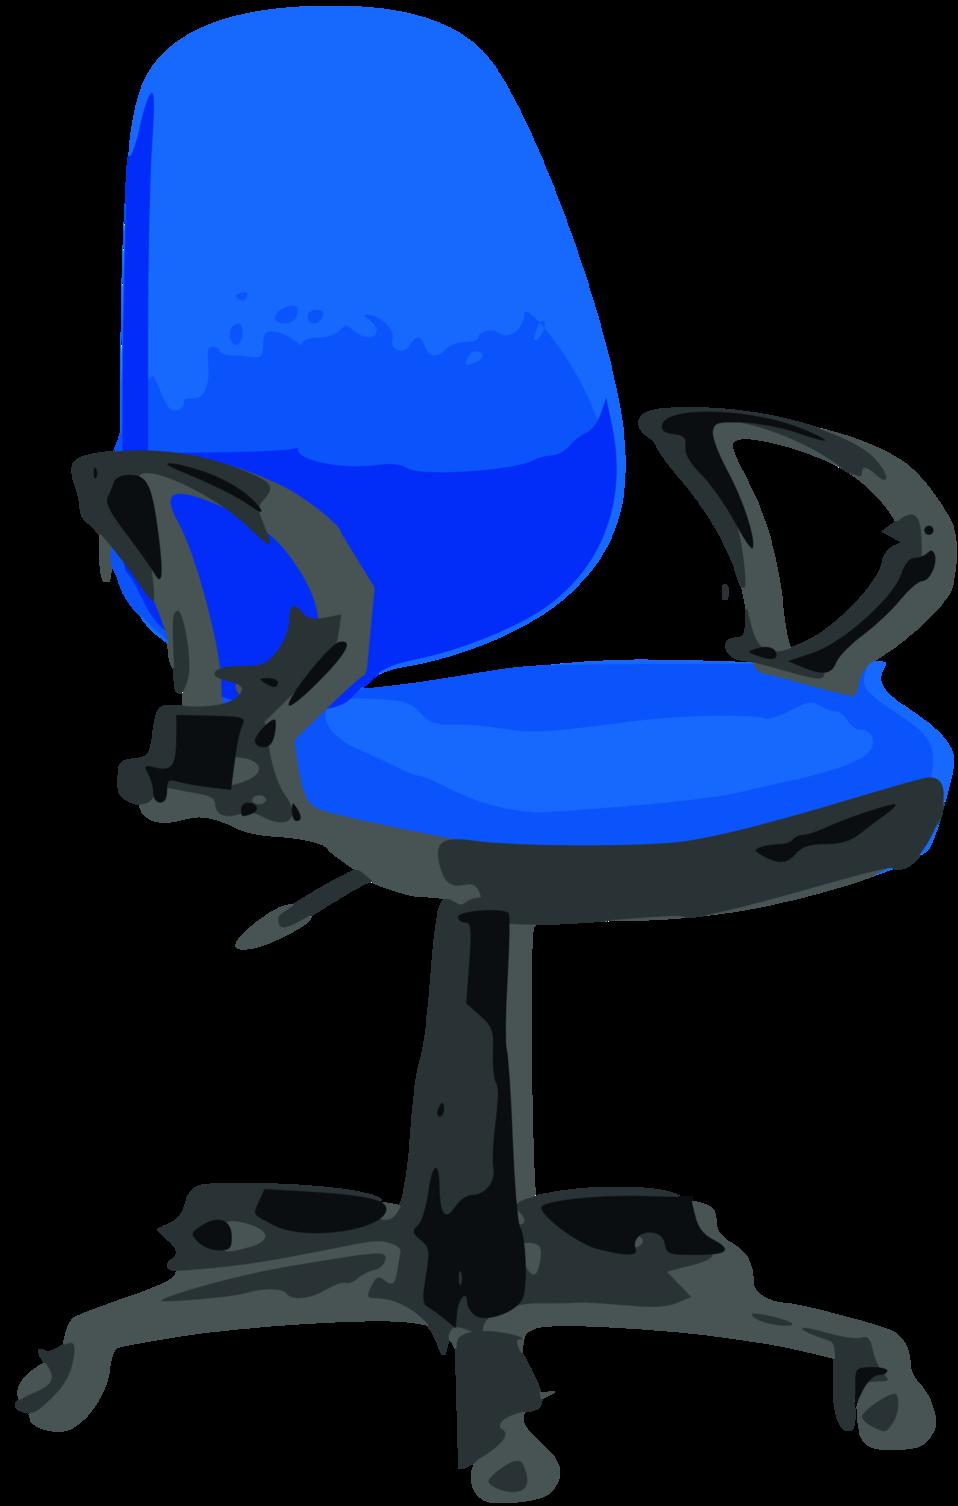 Wheel clipart blue. Public domain clip art